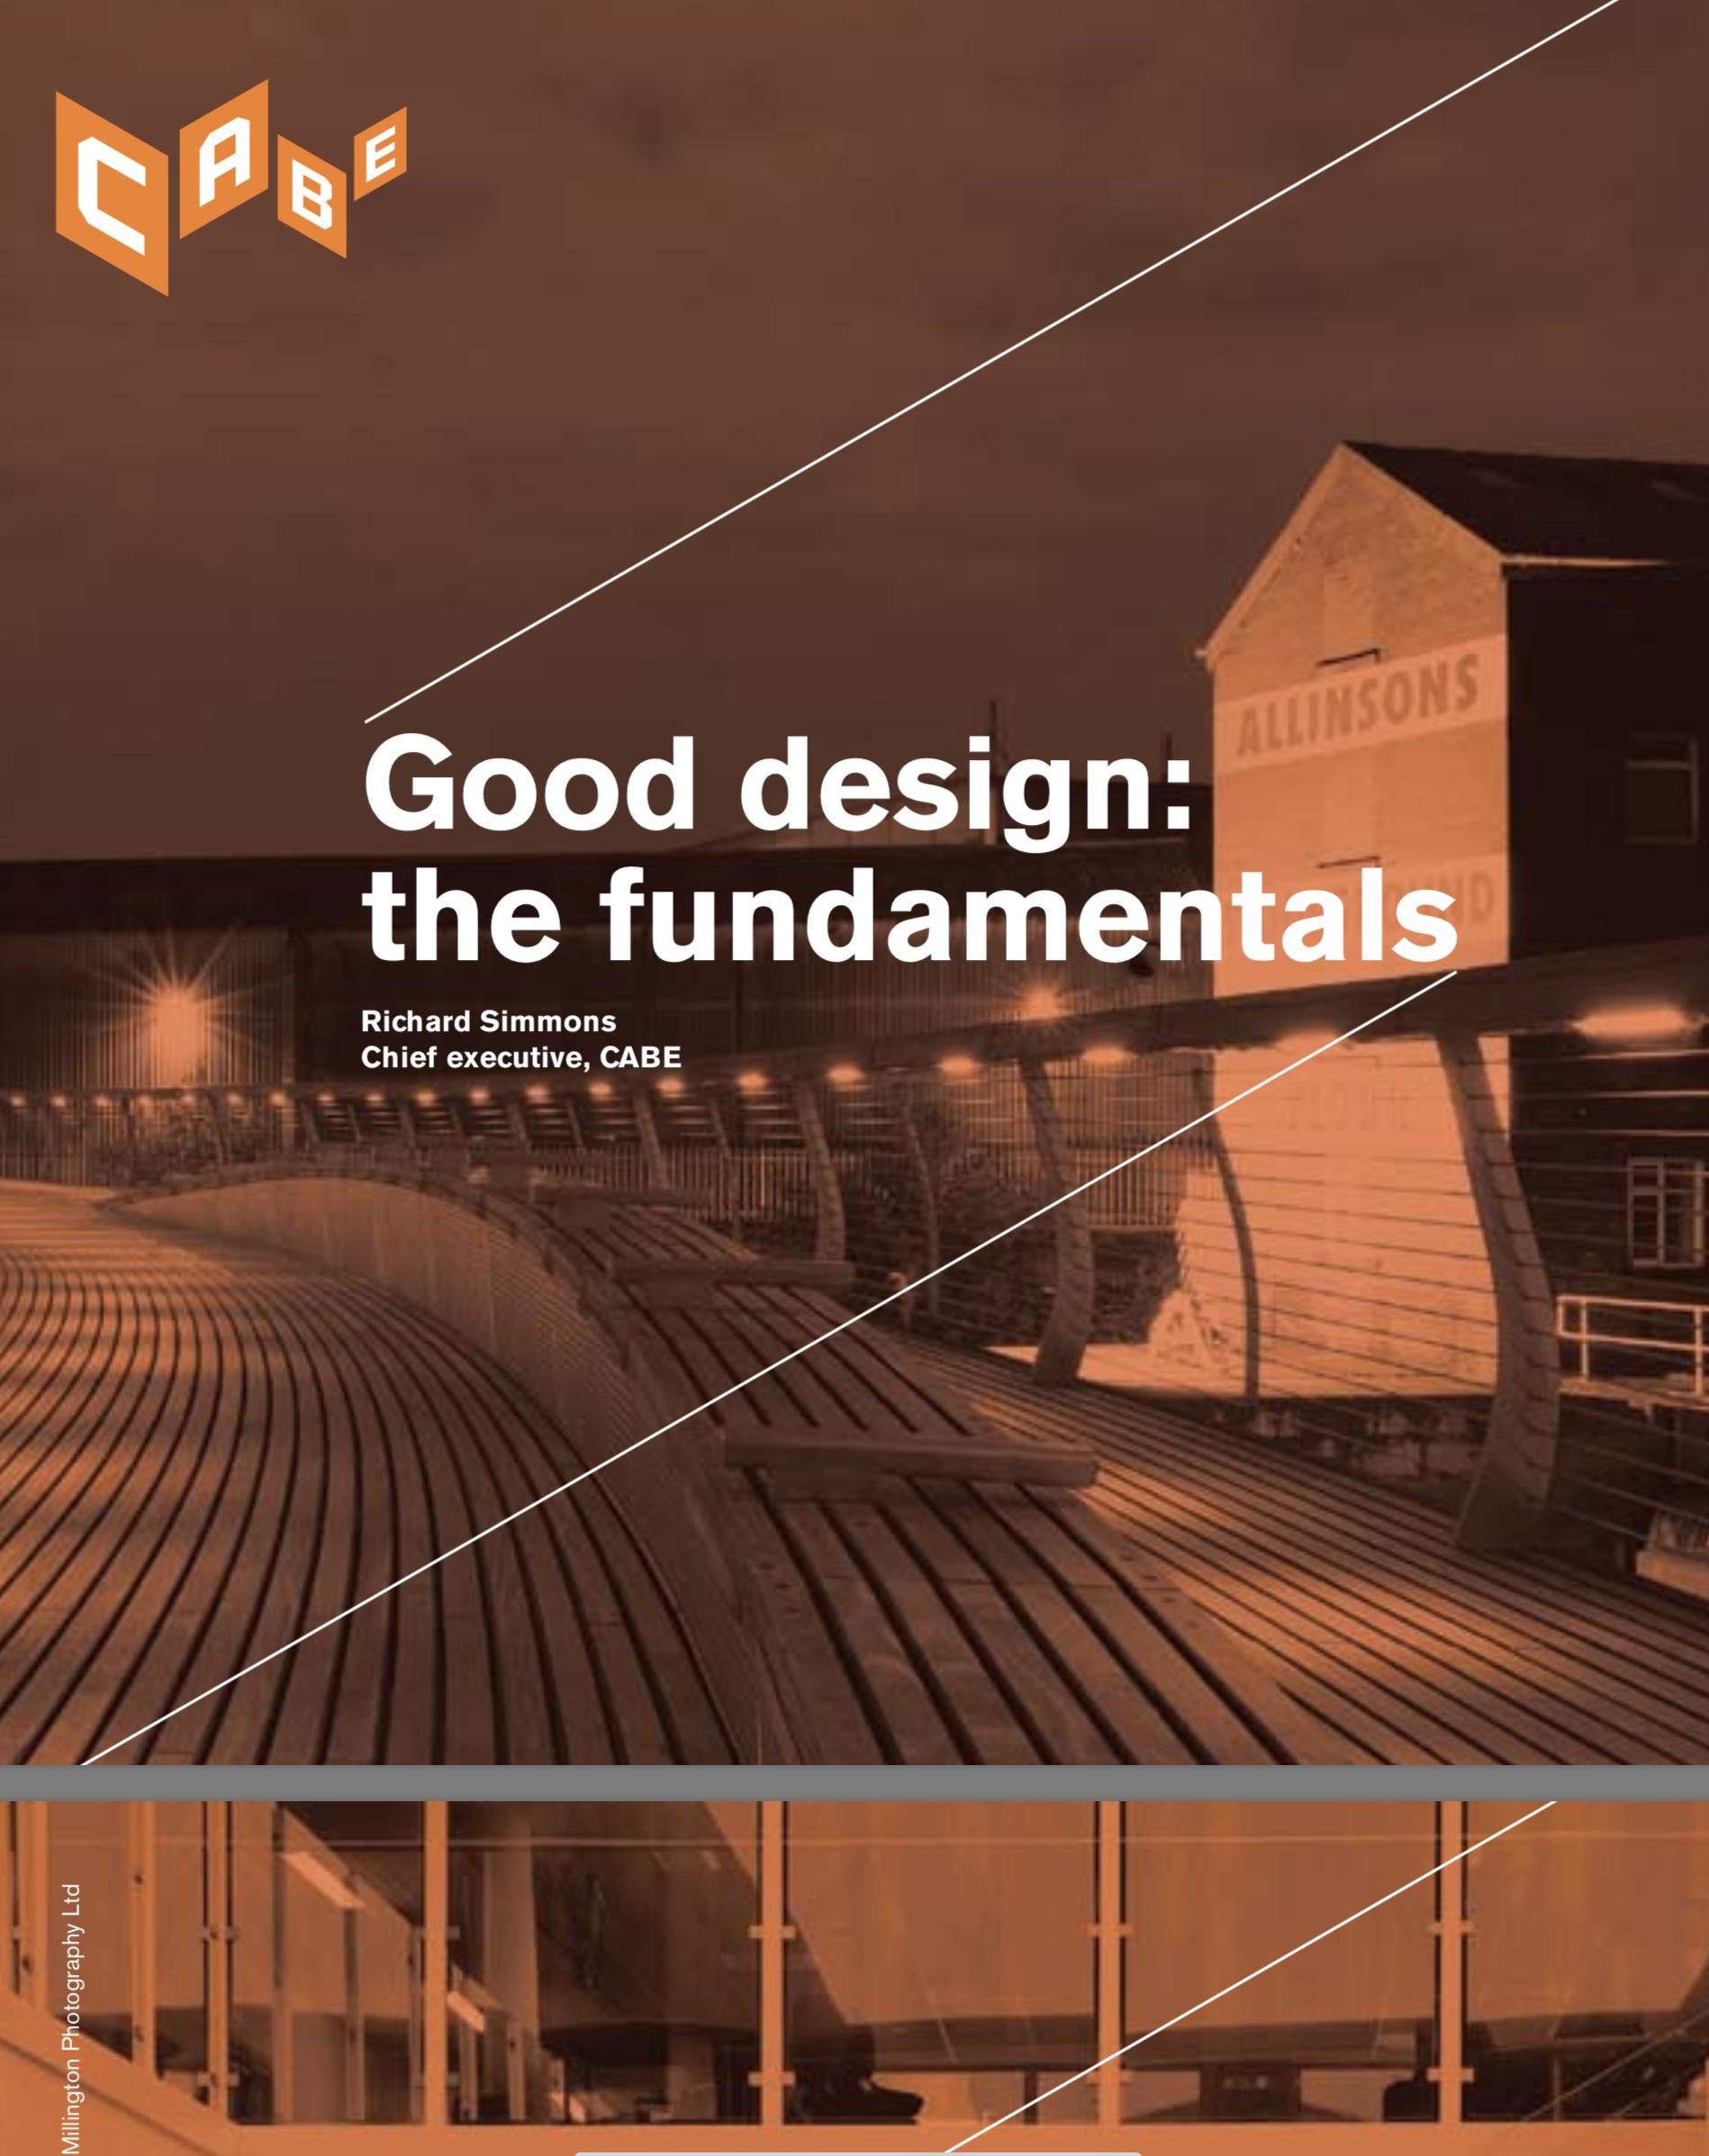 Good design: the fundamentals